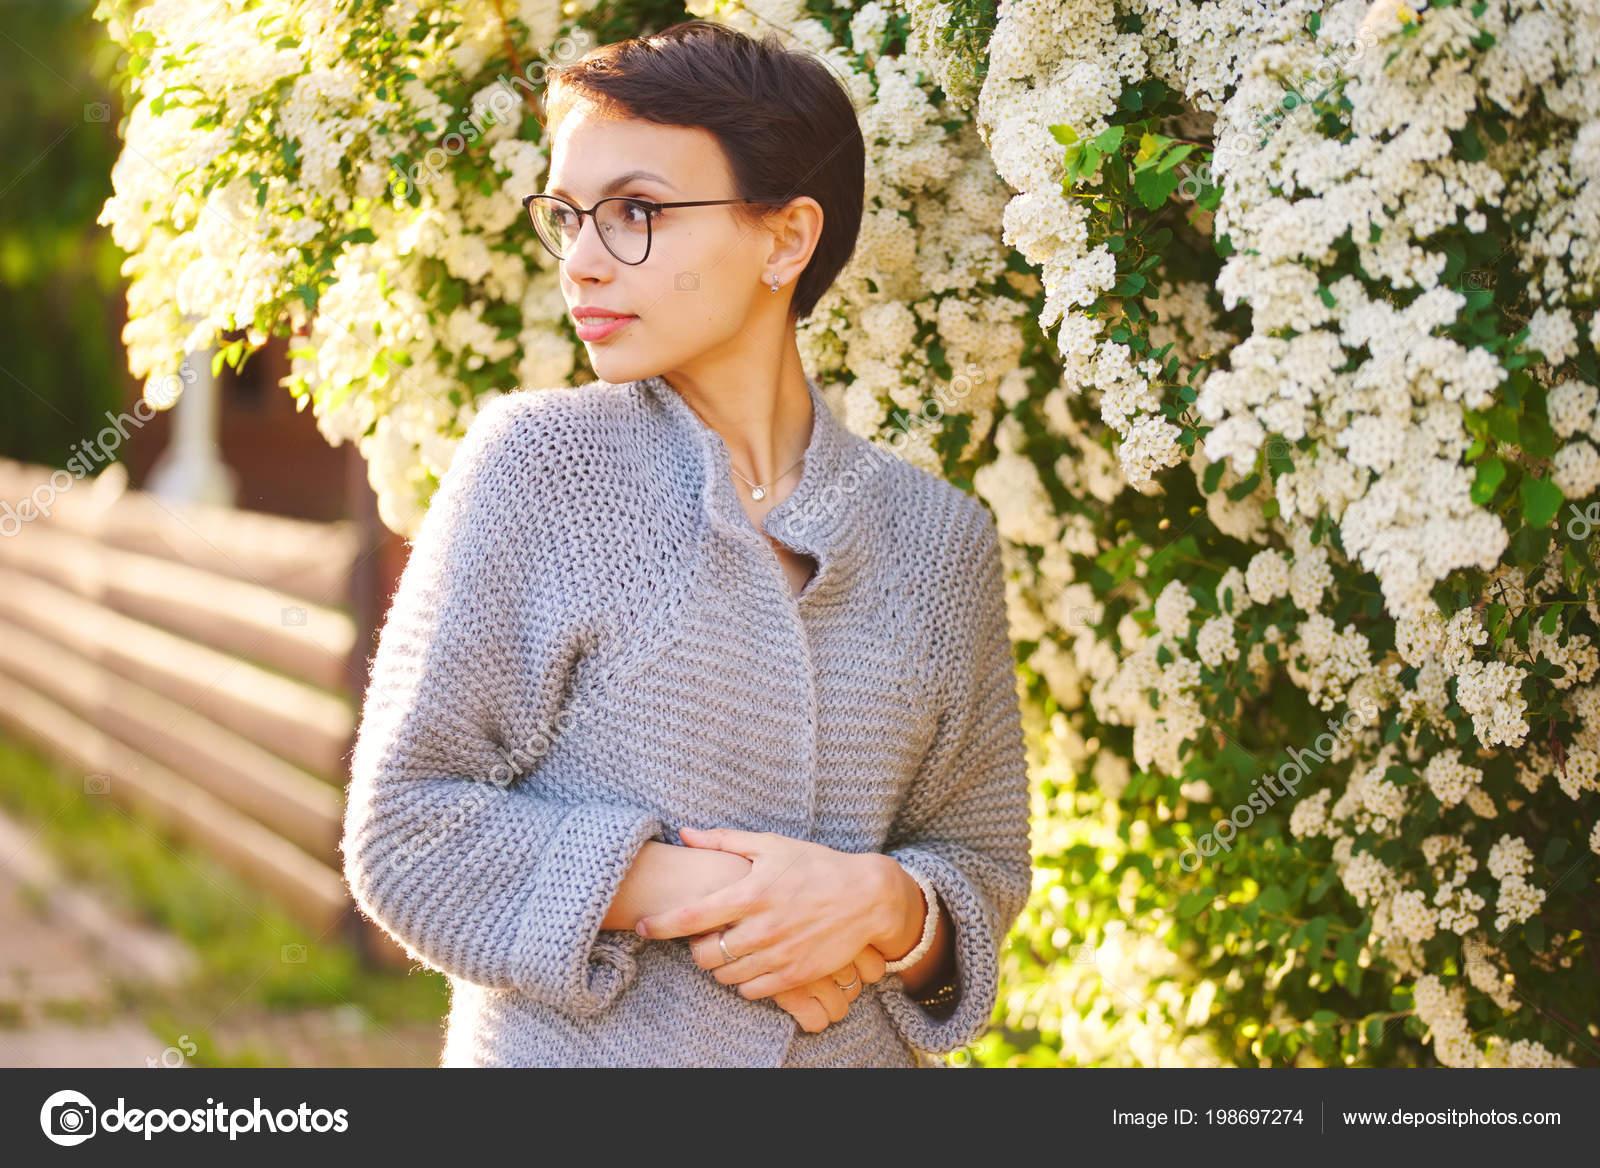 Piękna Dziewczyna Z Fryzury Krótkie Zdjęcie Stockowe